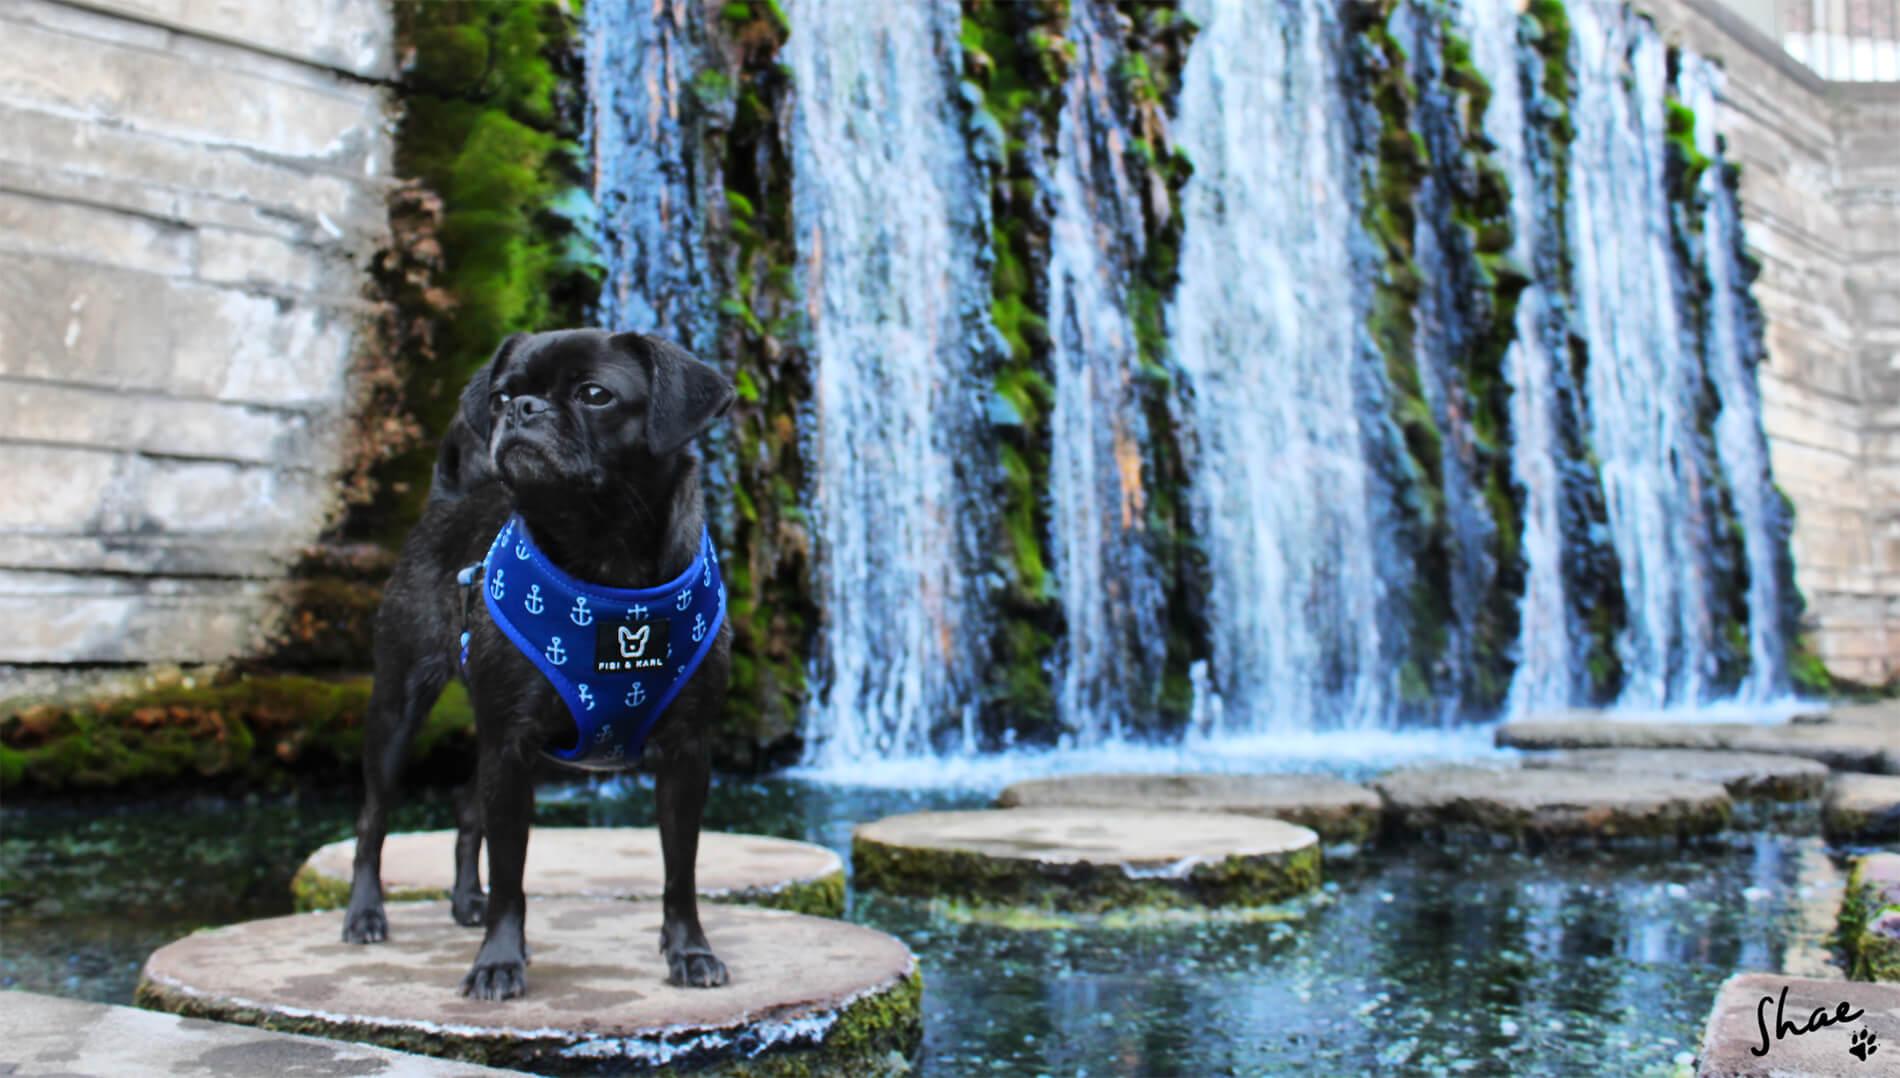 Halsband oder Geschirr - was trägt dein Hund